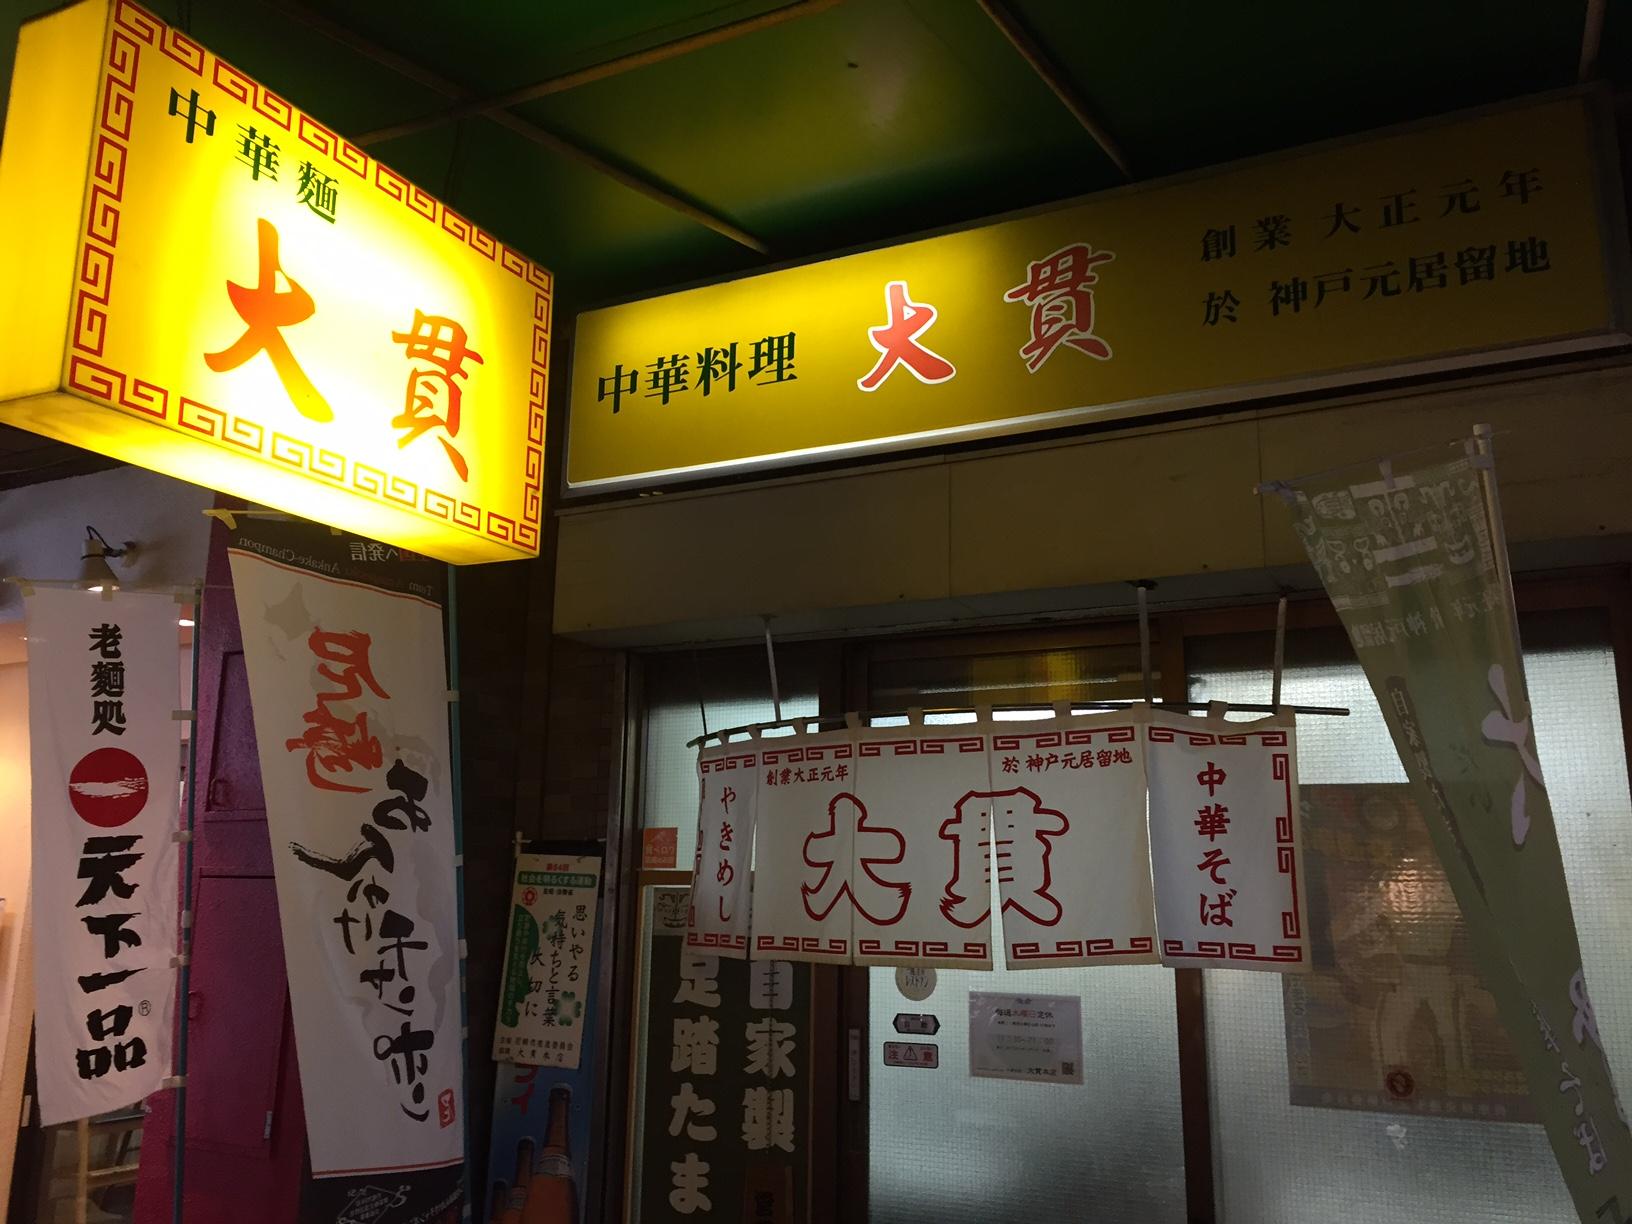 グルメ@今日の #ラーメニング 現存する日本最古と言われる尼崎商店街の大貫本店にてラーメン&チャーハン